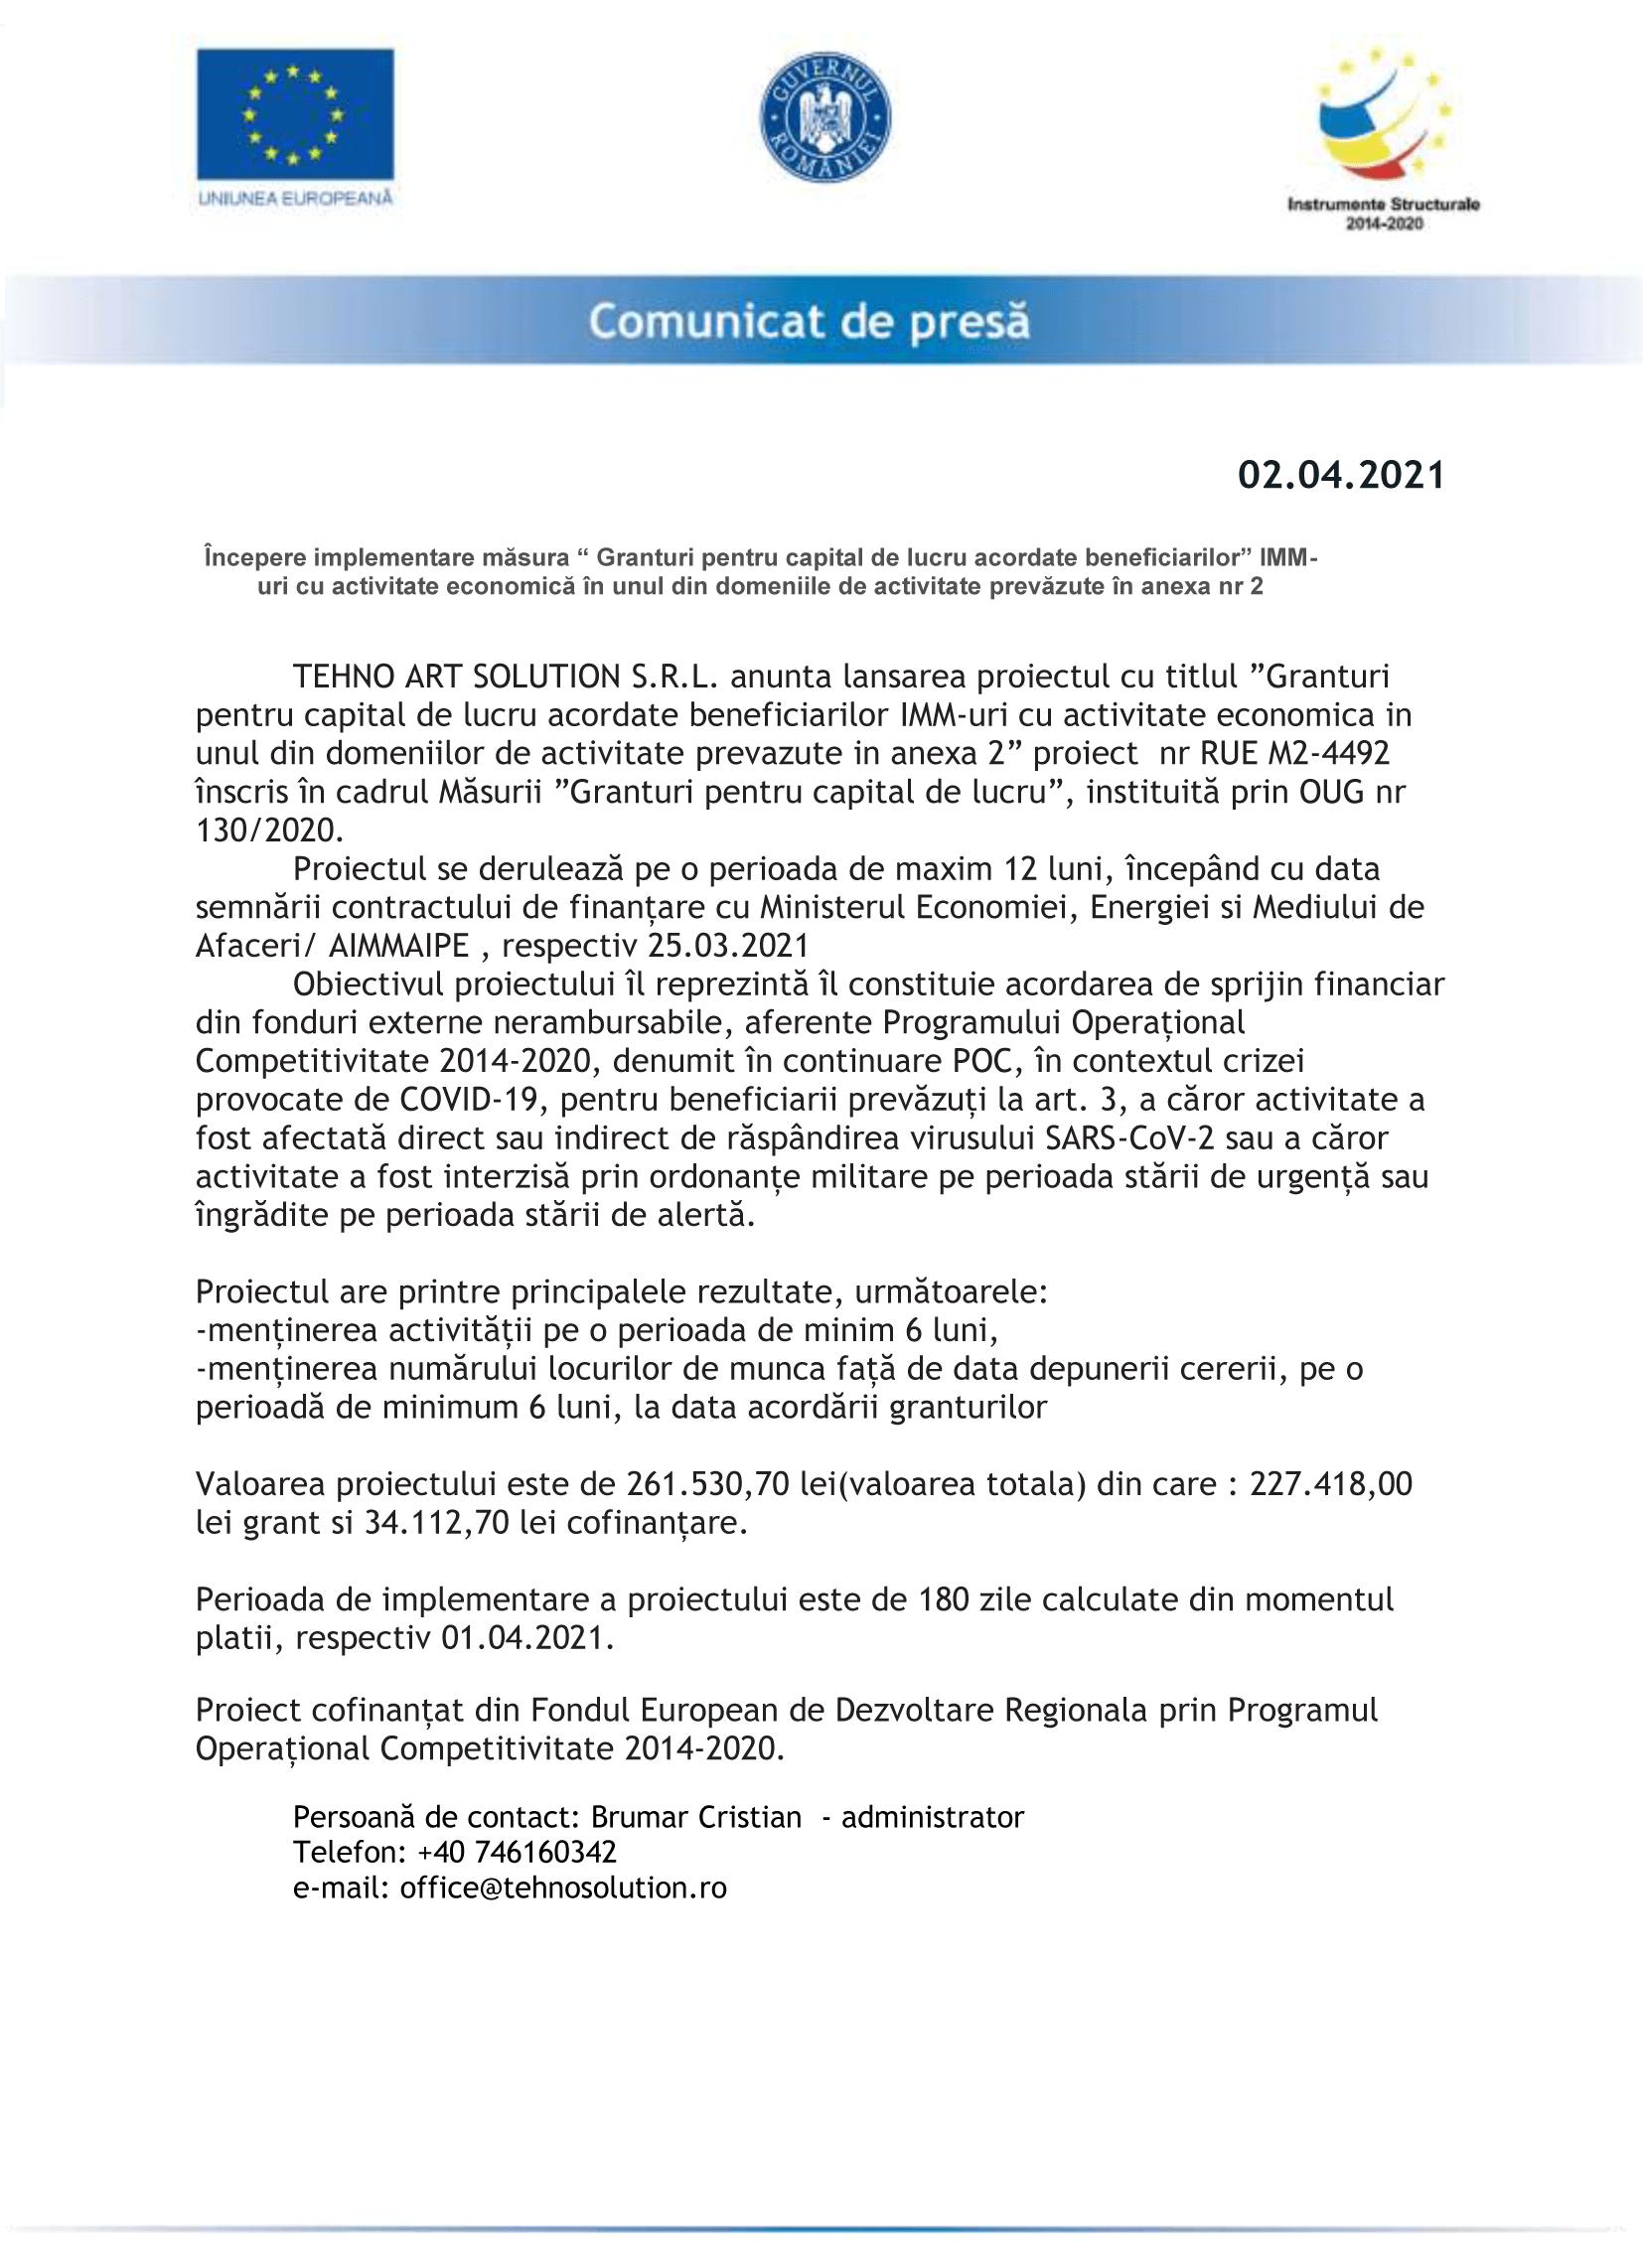 Comunicat_de_Presa_TAS